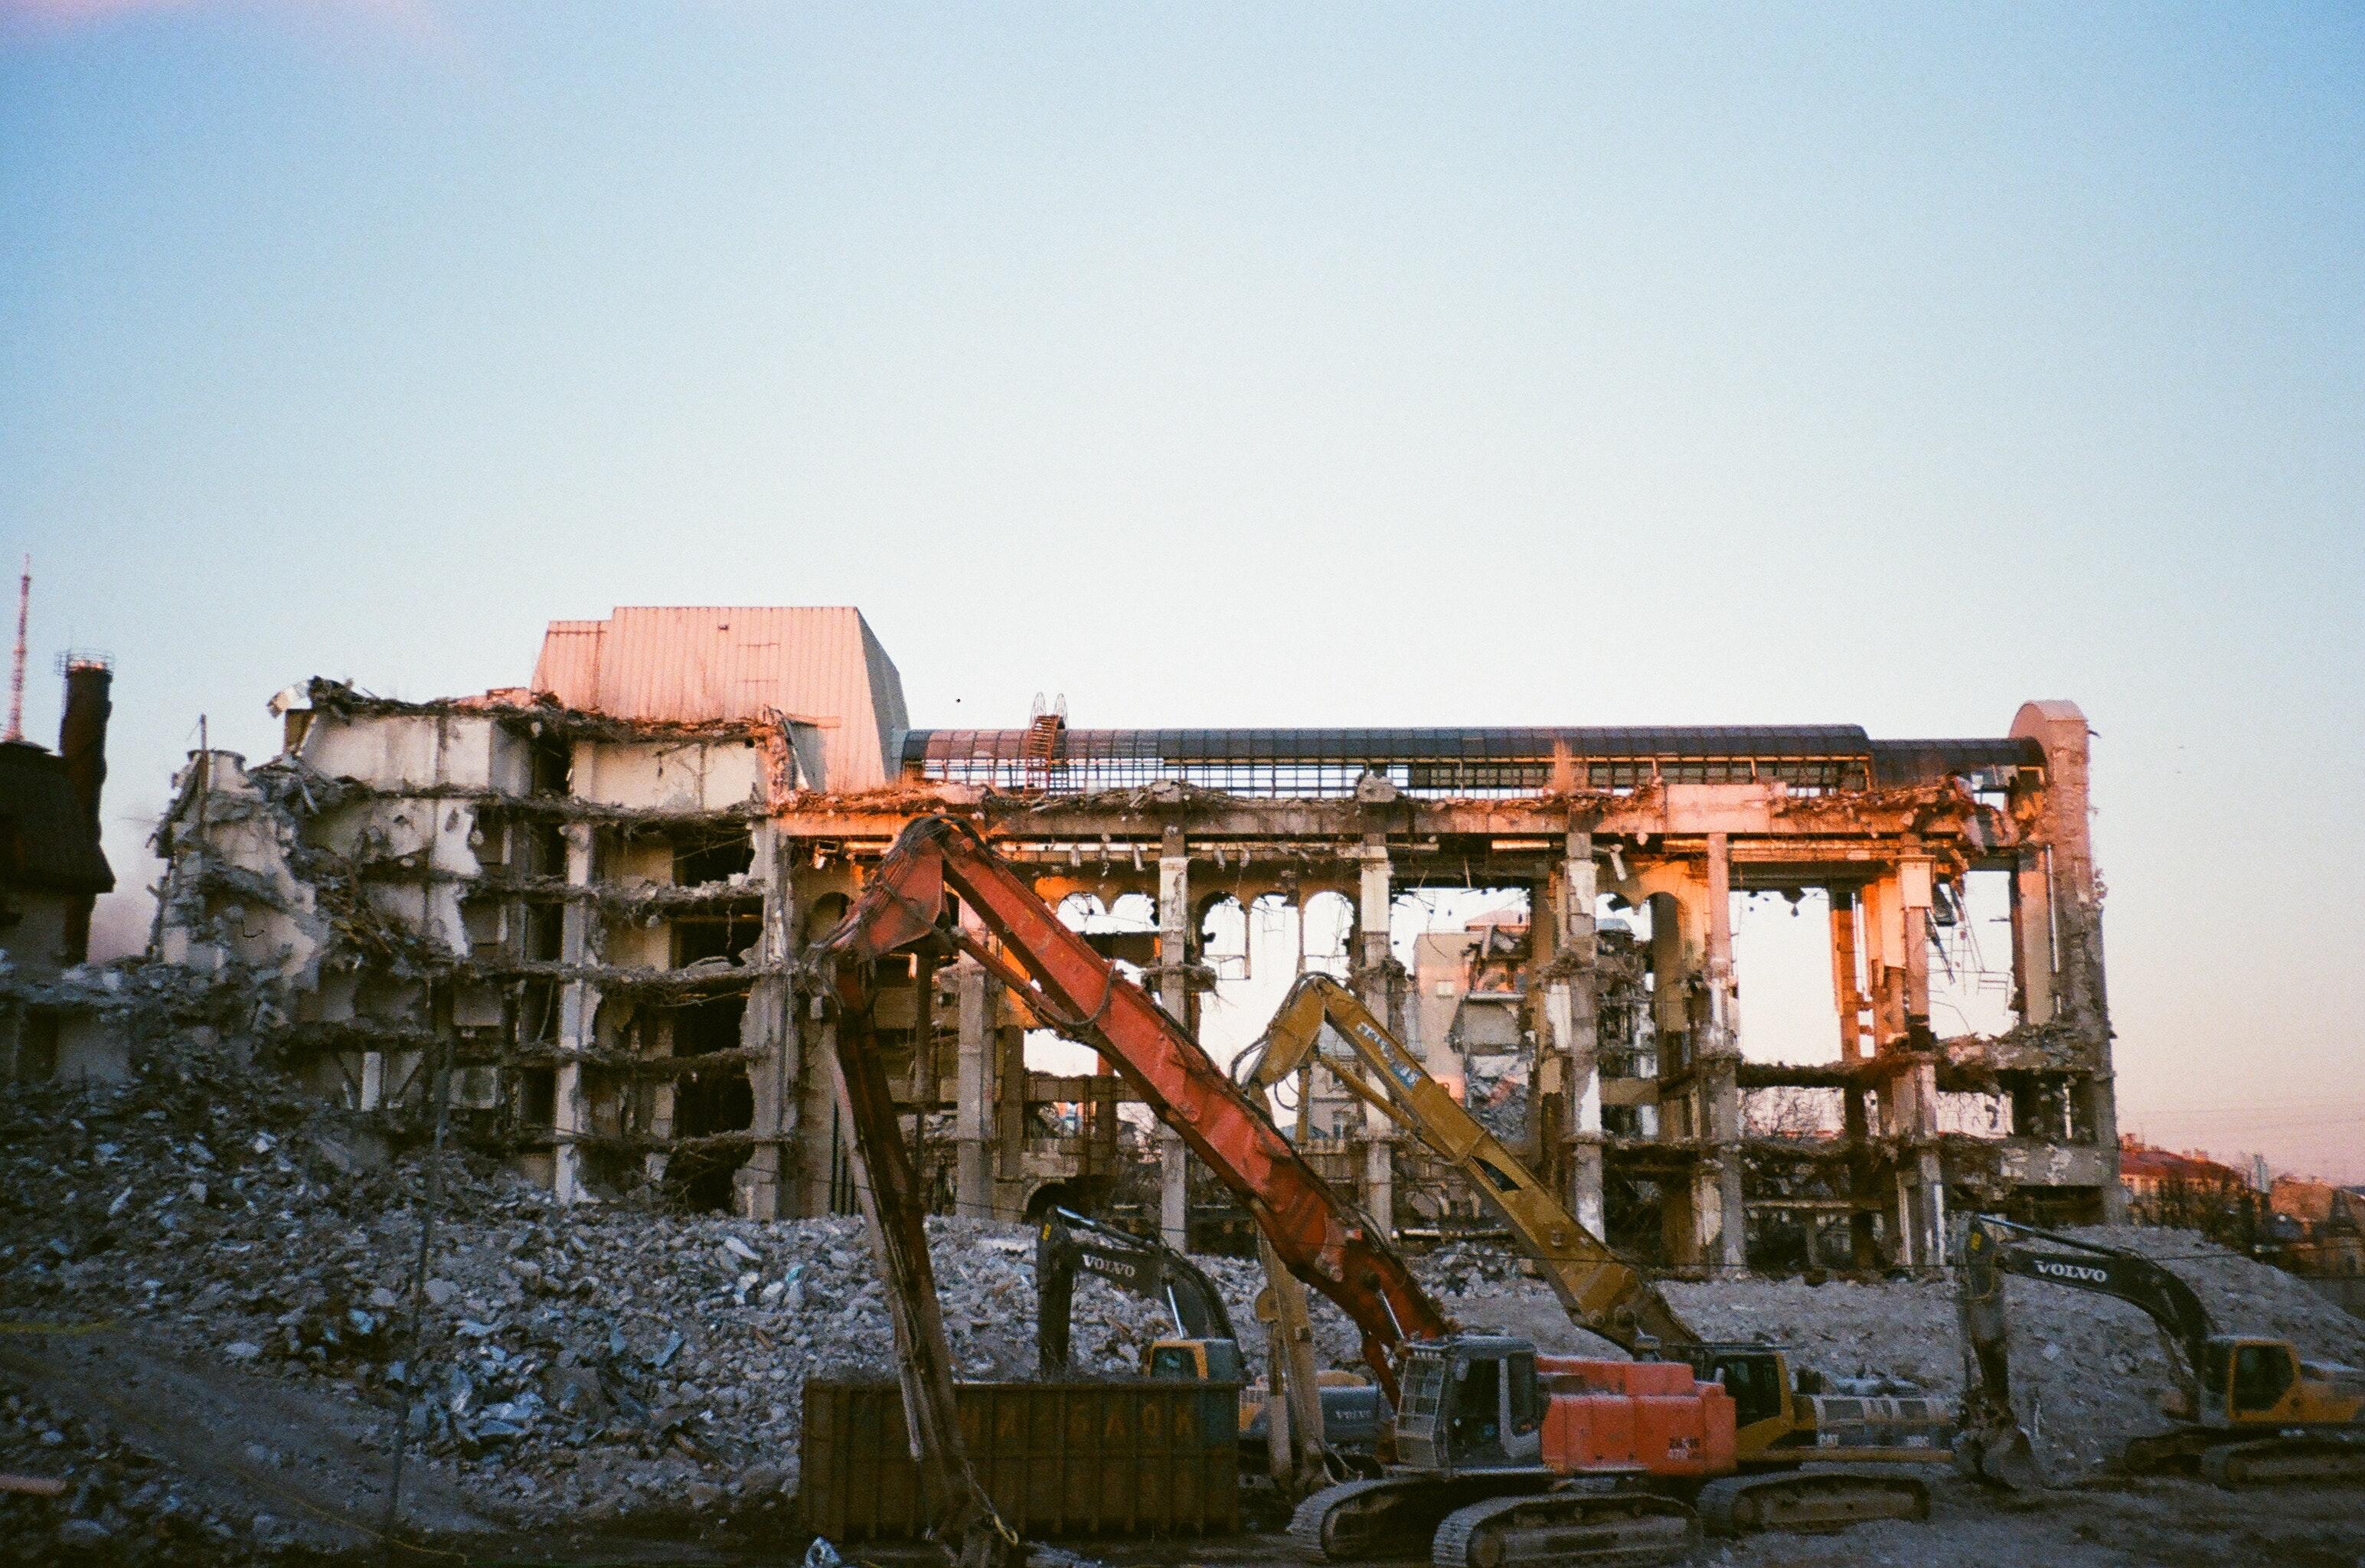 abandoned-building-demolition-2327065